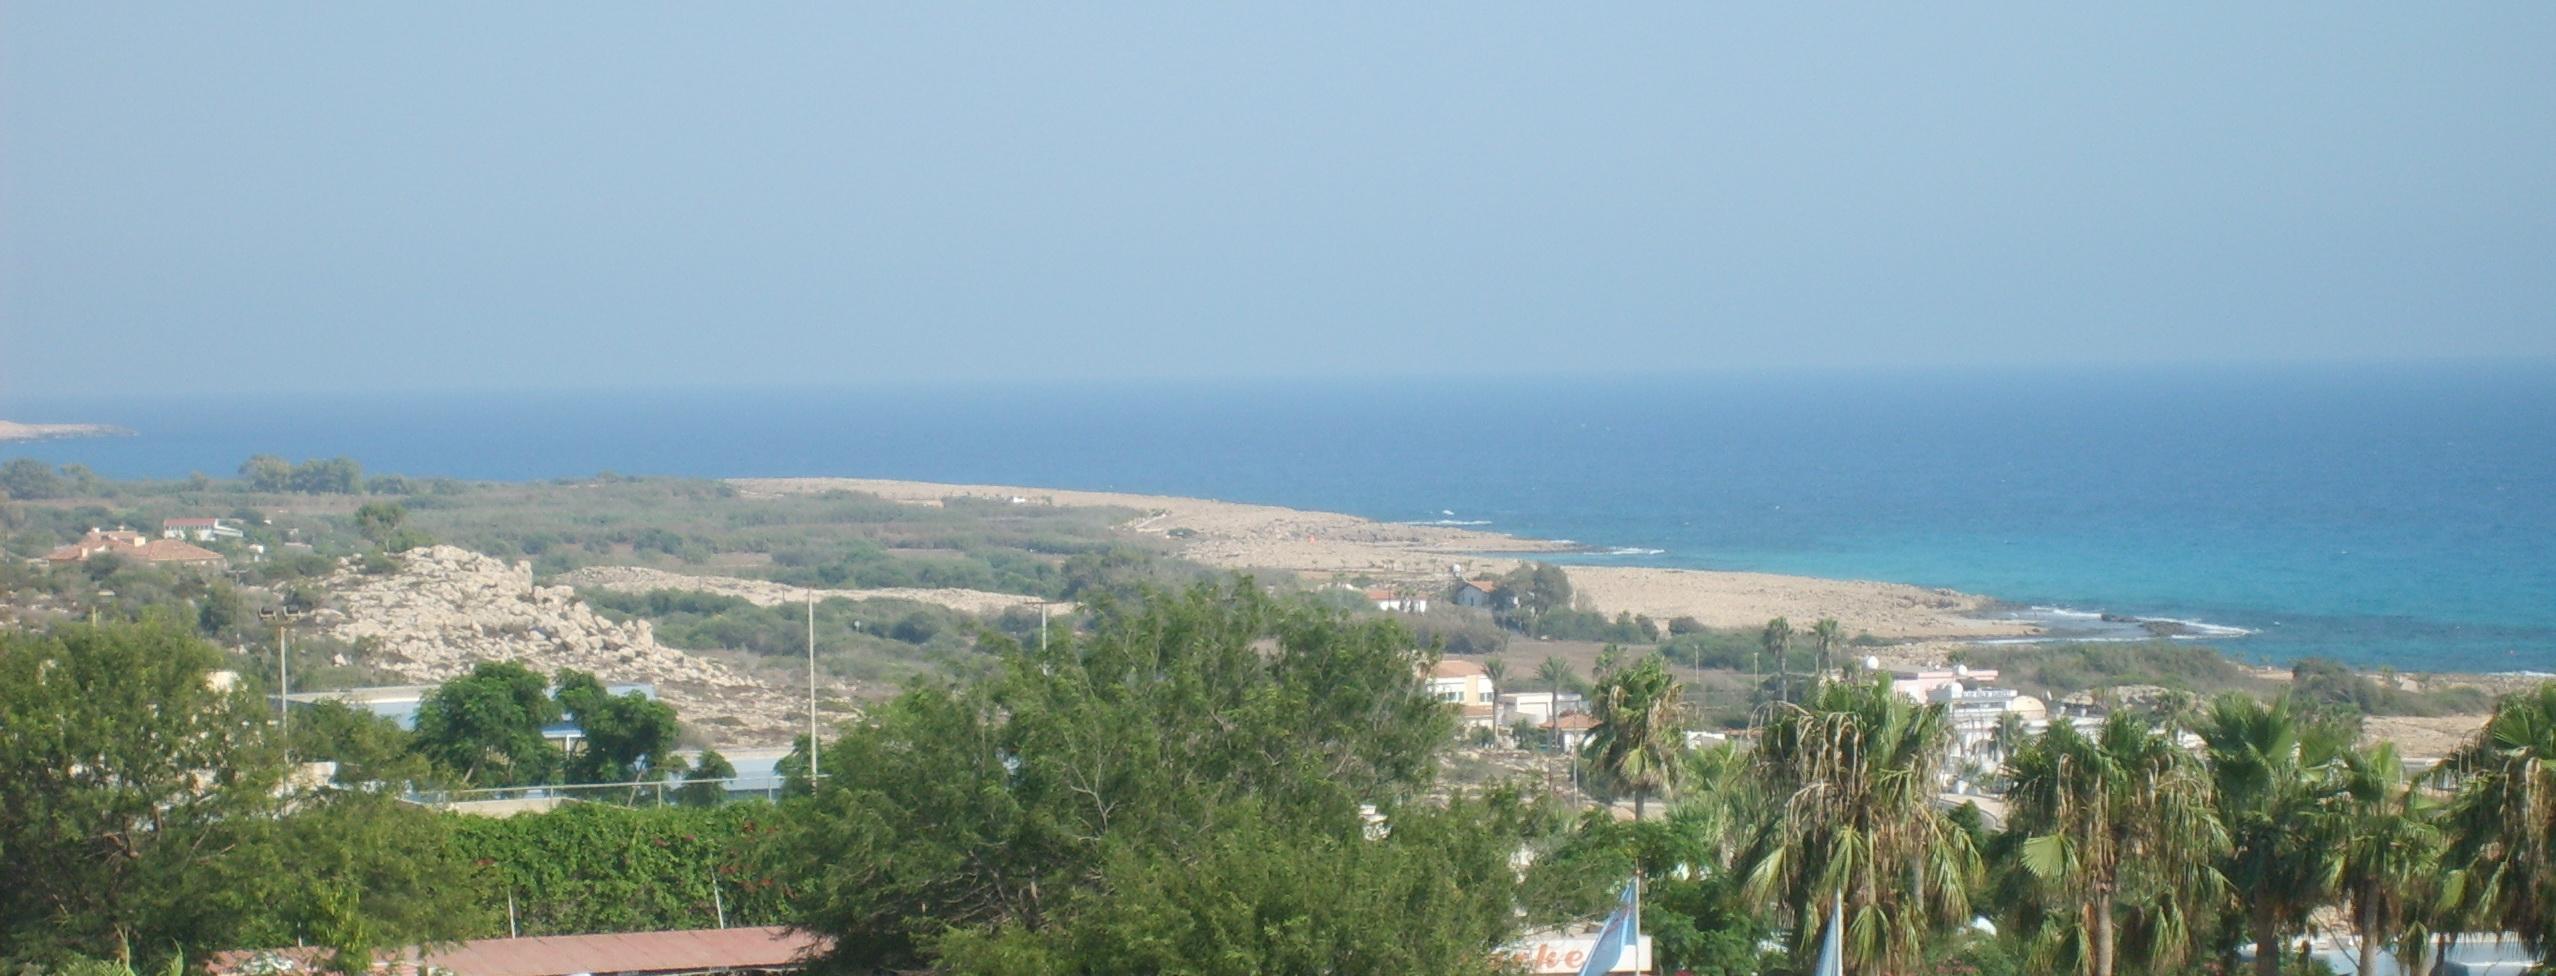 Остров Кипр - Айя Напа - Средиземное море